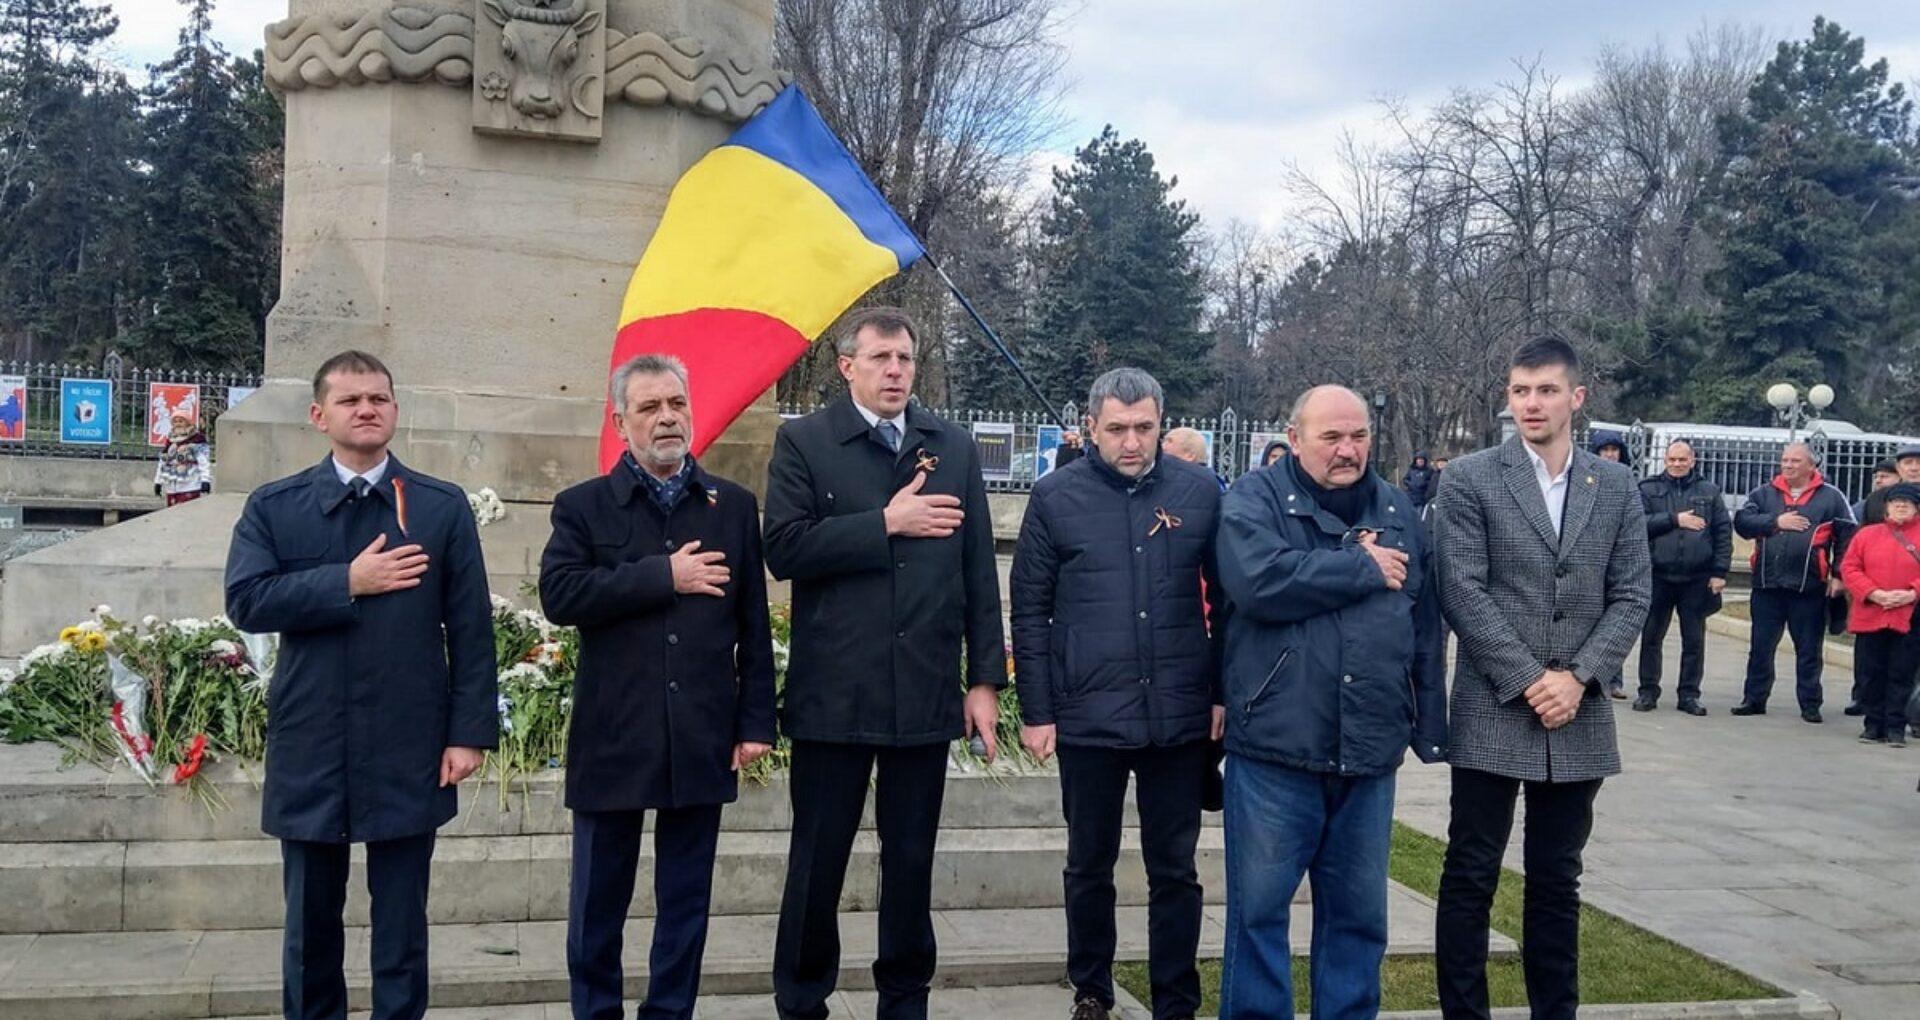 PL invită partidele unioniste să creeze un front comun. Cum este privită această inițiativă de către analiștii politici